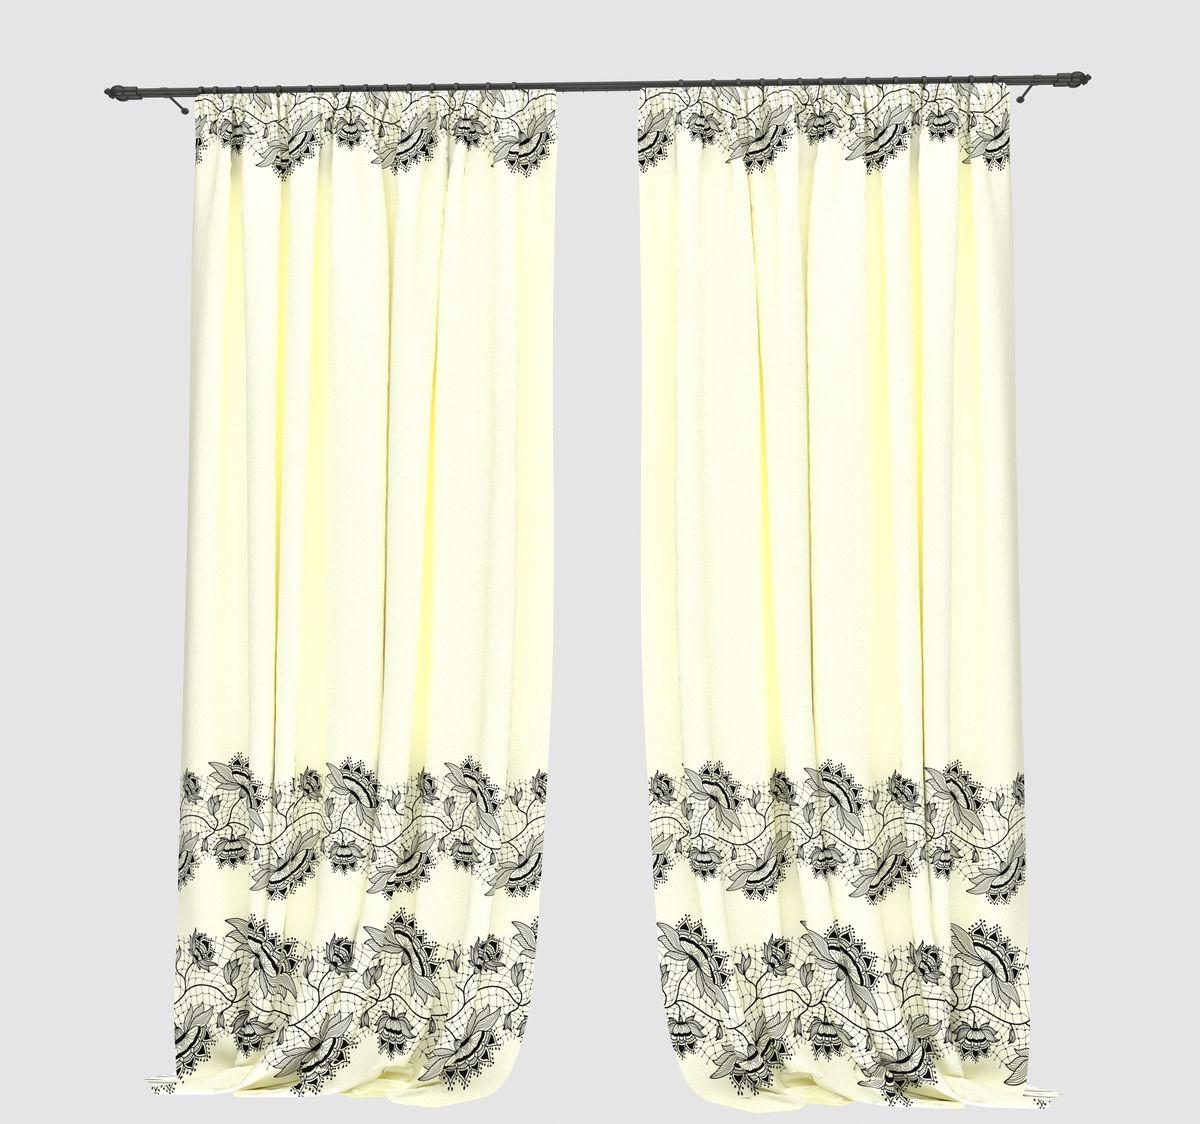 Комплект фотоштор Bellino Home Марандум, высота 260 см. 05632-ФШ-ГБ-00105136-ФШ-ГБ-001Комплект фотоштор BELLINO HOME, коллекция Бохо. Интерьер в стиле бохо - это калейдоскоп цветов, фактур, эмоций и свобода самовыражения. основная задача этого стиля - создание уютногоуютного пространства. Коллекция пропитана ритмическими рисунками теплого джаза с гармоническими структурами и неформальной культурой 60х-70х годов. Это согздание интерьера на основе собственных эмоций и пристрастий. Стиль бохо подразумевает некую внутреннюю свободу в человеке, благодаря которой , установленные современниками каноны и принципы становятся не важны. Именно поэтому здесь место самому интересному декору, электичным сочетаниям и неожиданным ходам. Крепление на карниз при помощи шторной ленты на крючки.В комплекте: Портьера: 2 шт. Размер (ШхВ): 145 см х 260 см. Рекомендации по уходу: стирка при 30 градусах гладить при температуре до 150 градусов Изображение на мониторе может немного отличаться от реального.